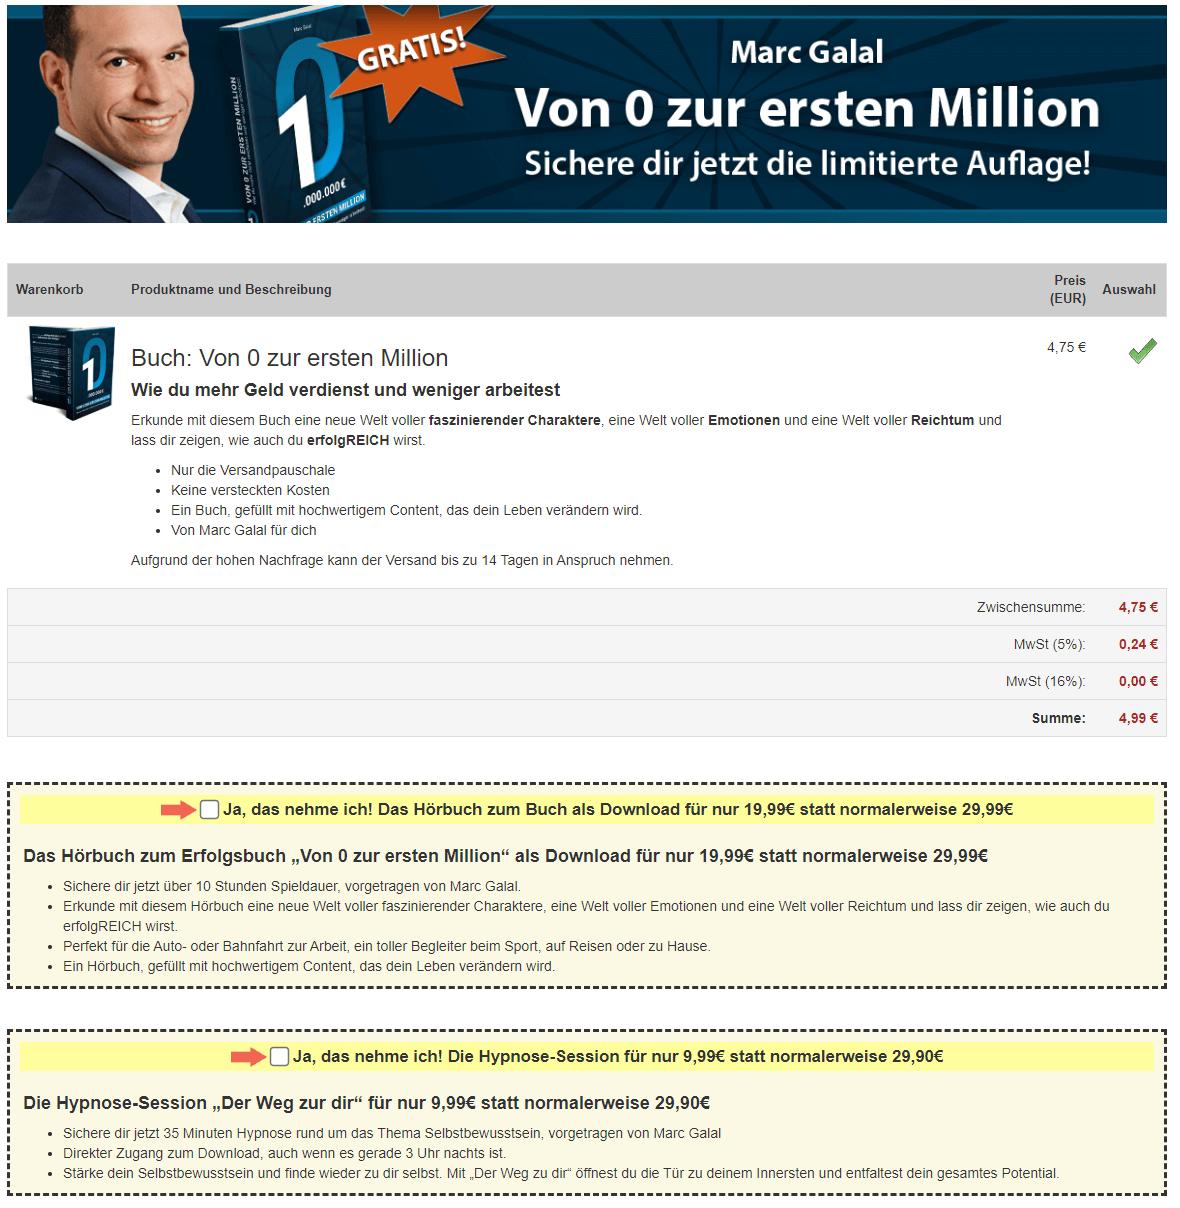 Marc Galal Buch von 0 zur ersten Million Bestellung